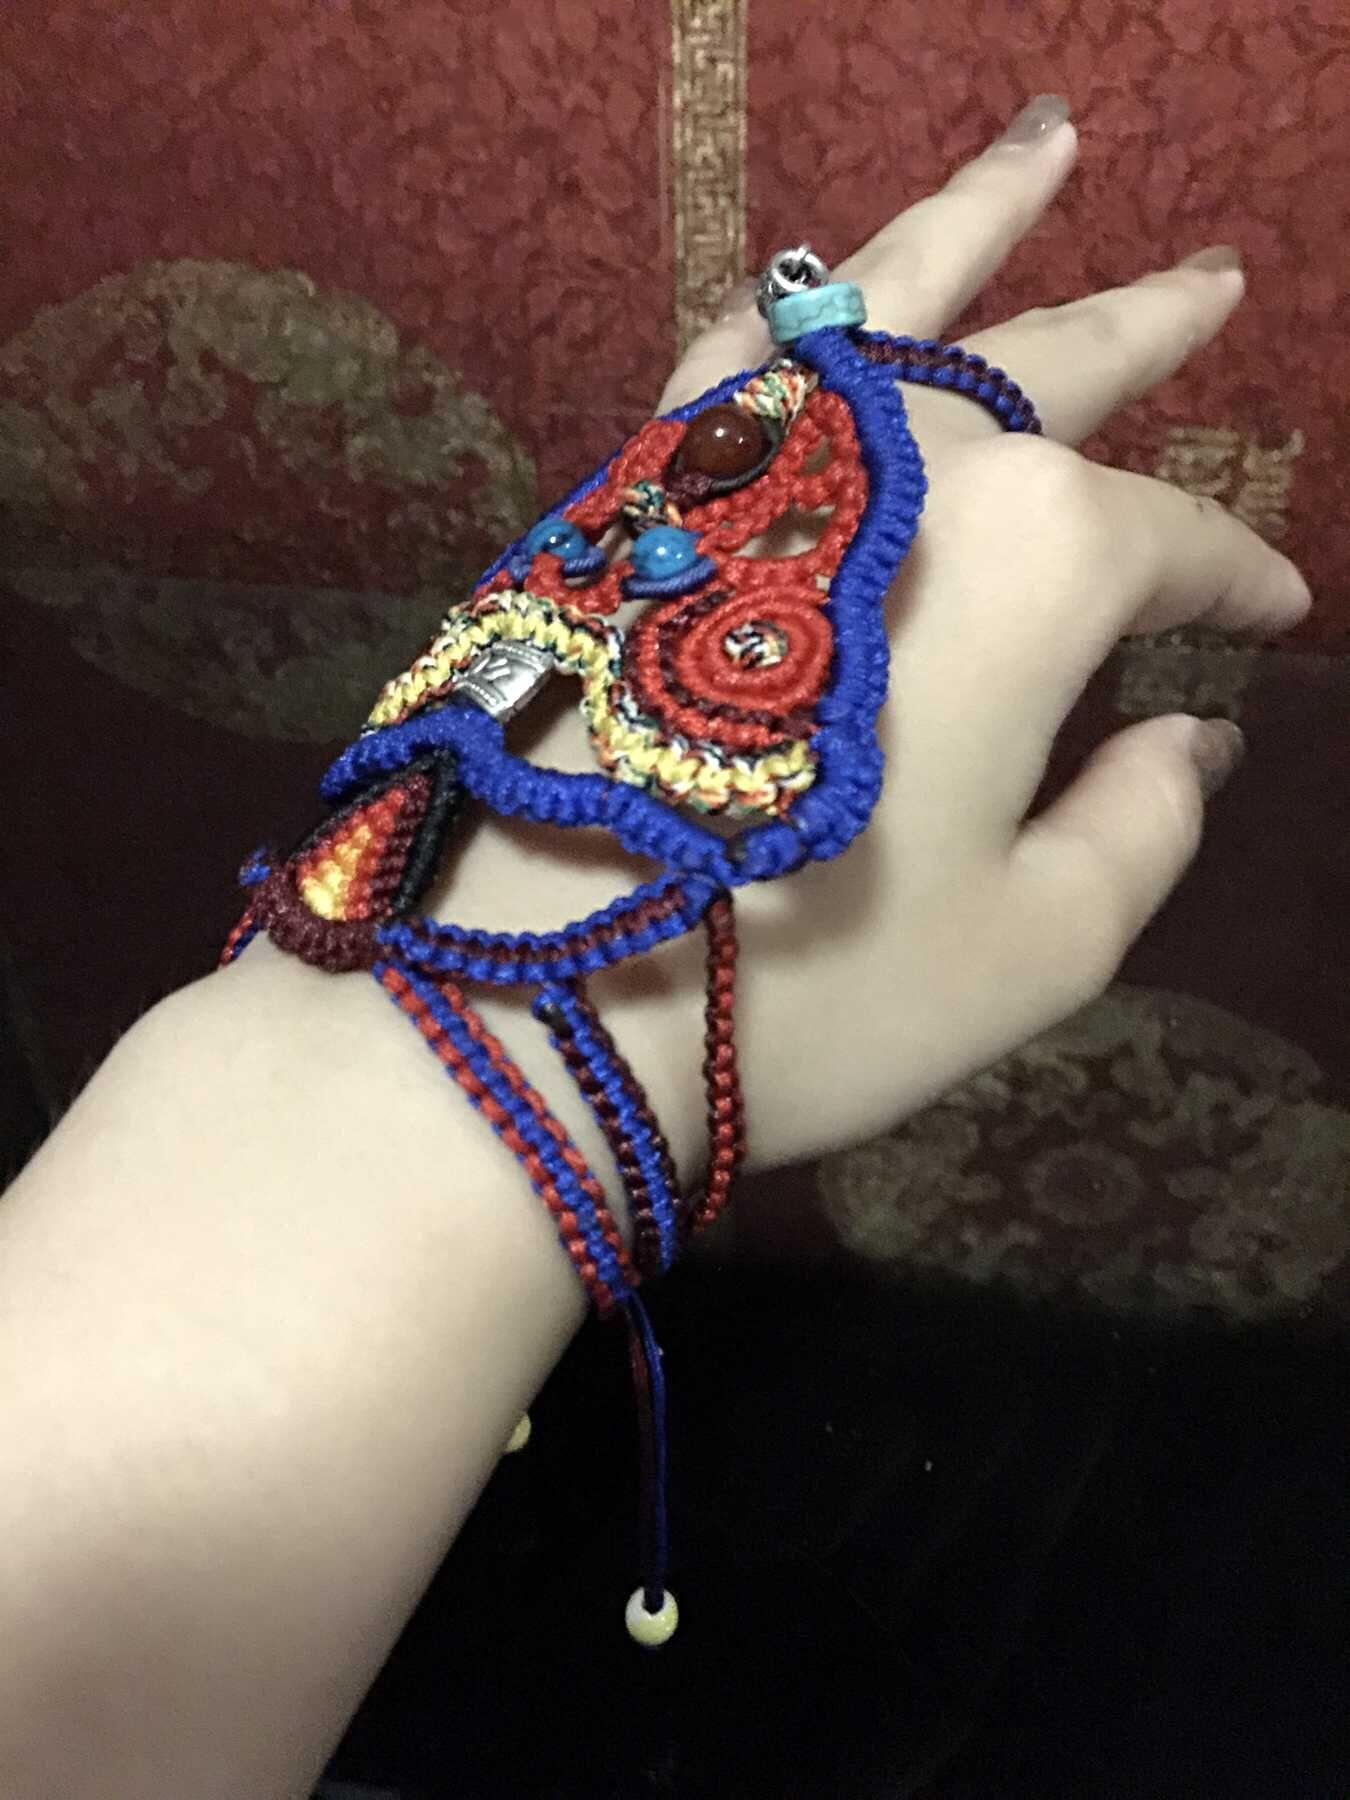 中国结论坛 我编的带在手背上的民族风饰品,第一次自己设计,感觉棒棒哒 民族,饰品 作品展示 120605bbq2drvqv82ktq46